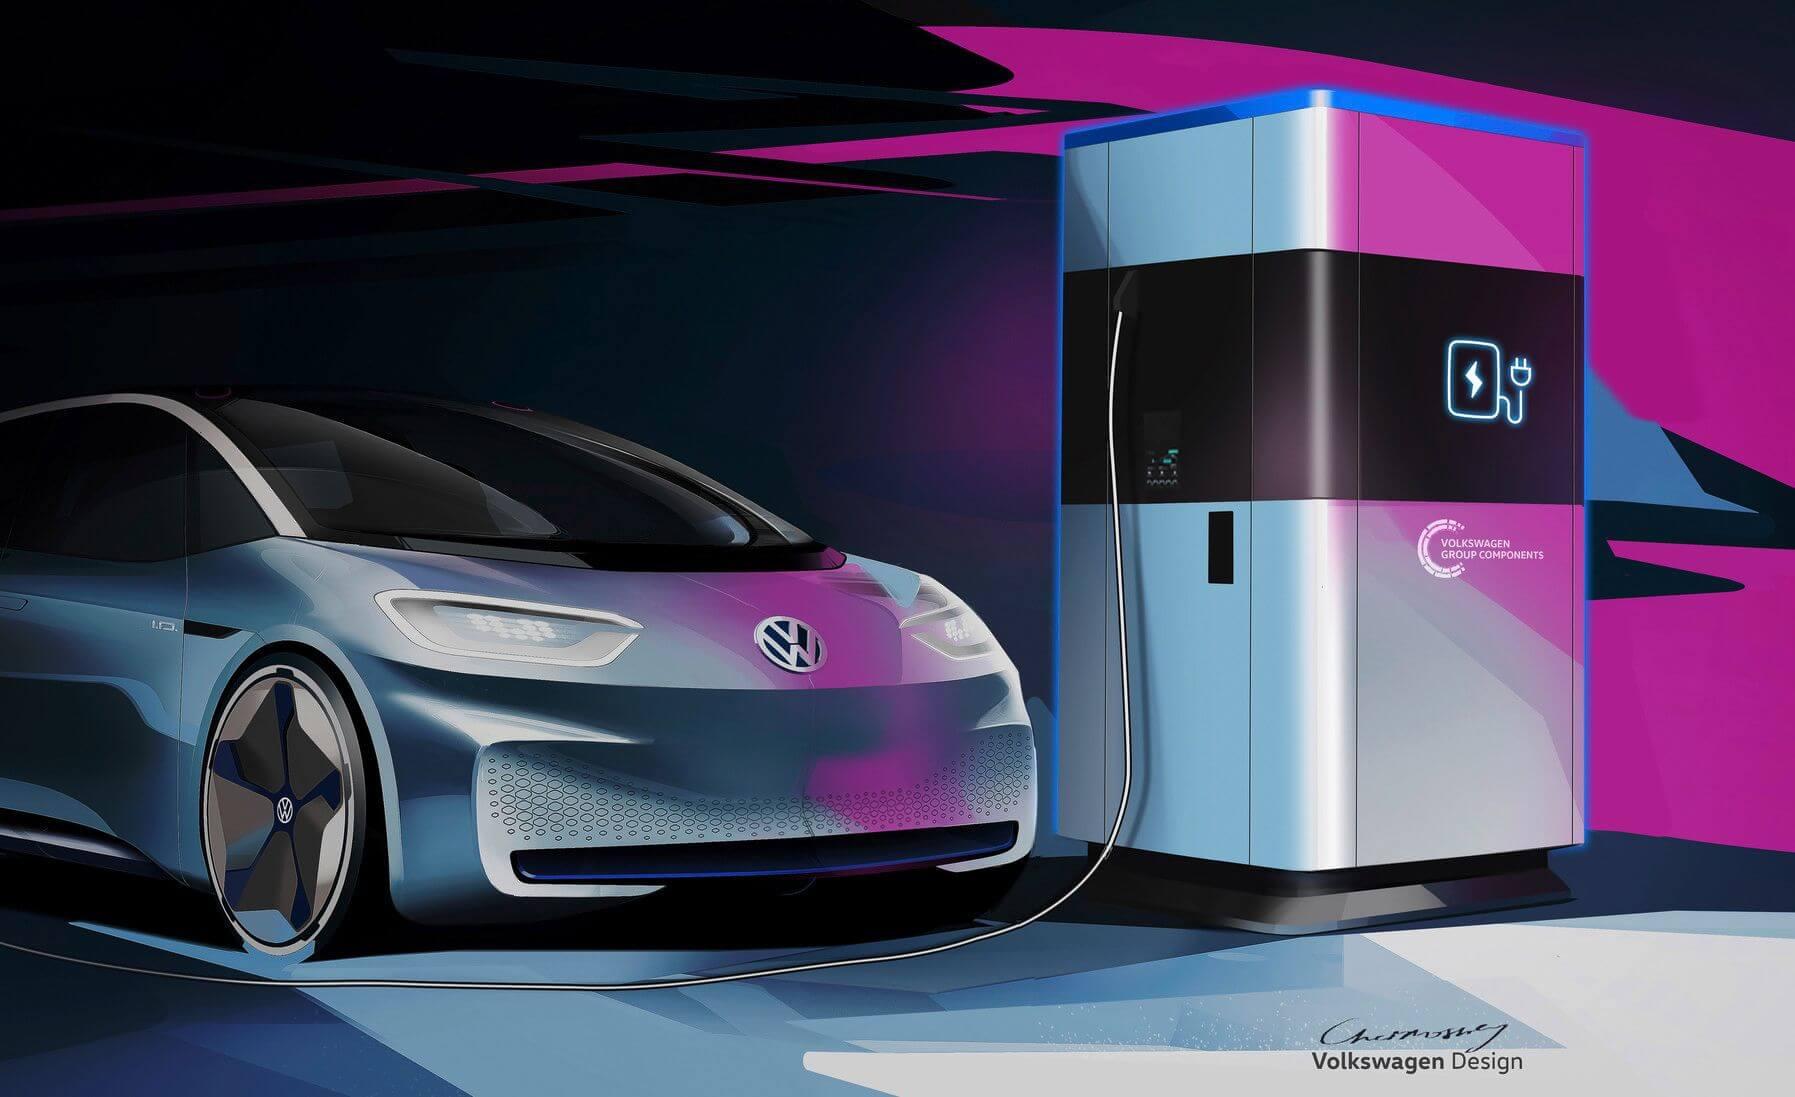 Volkswagen mobil töltőállomás